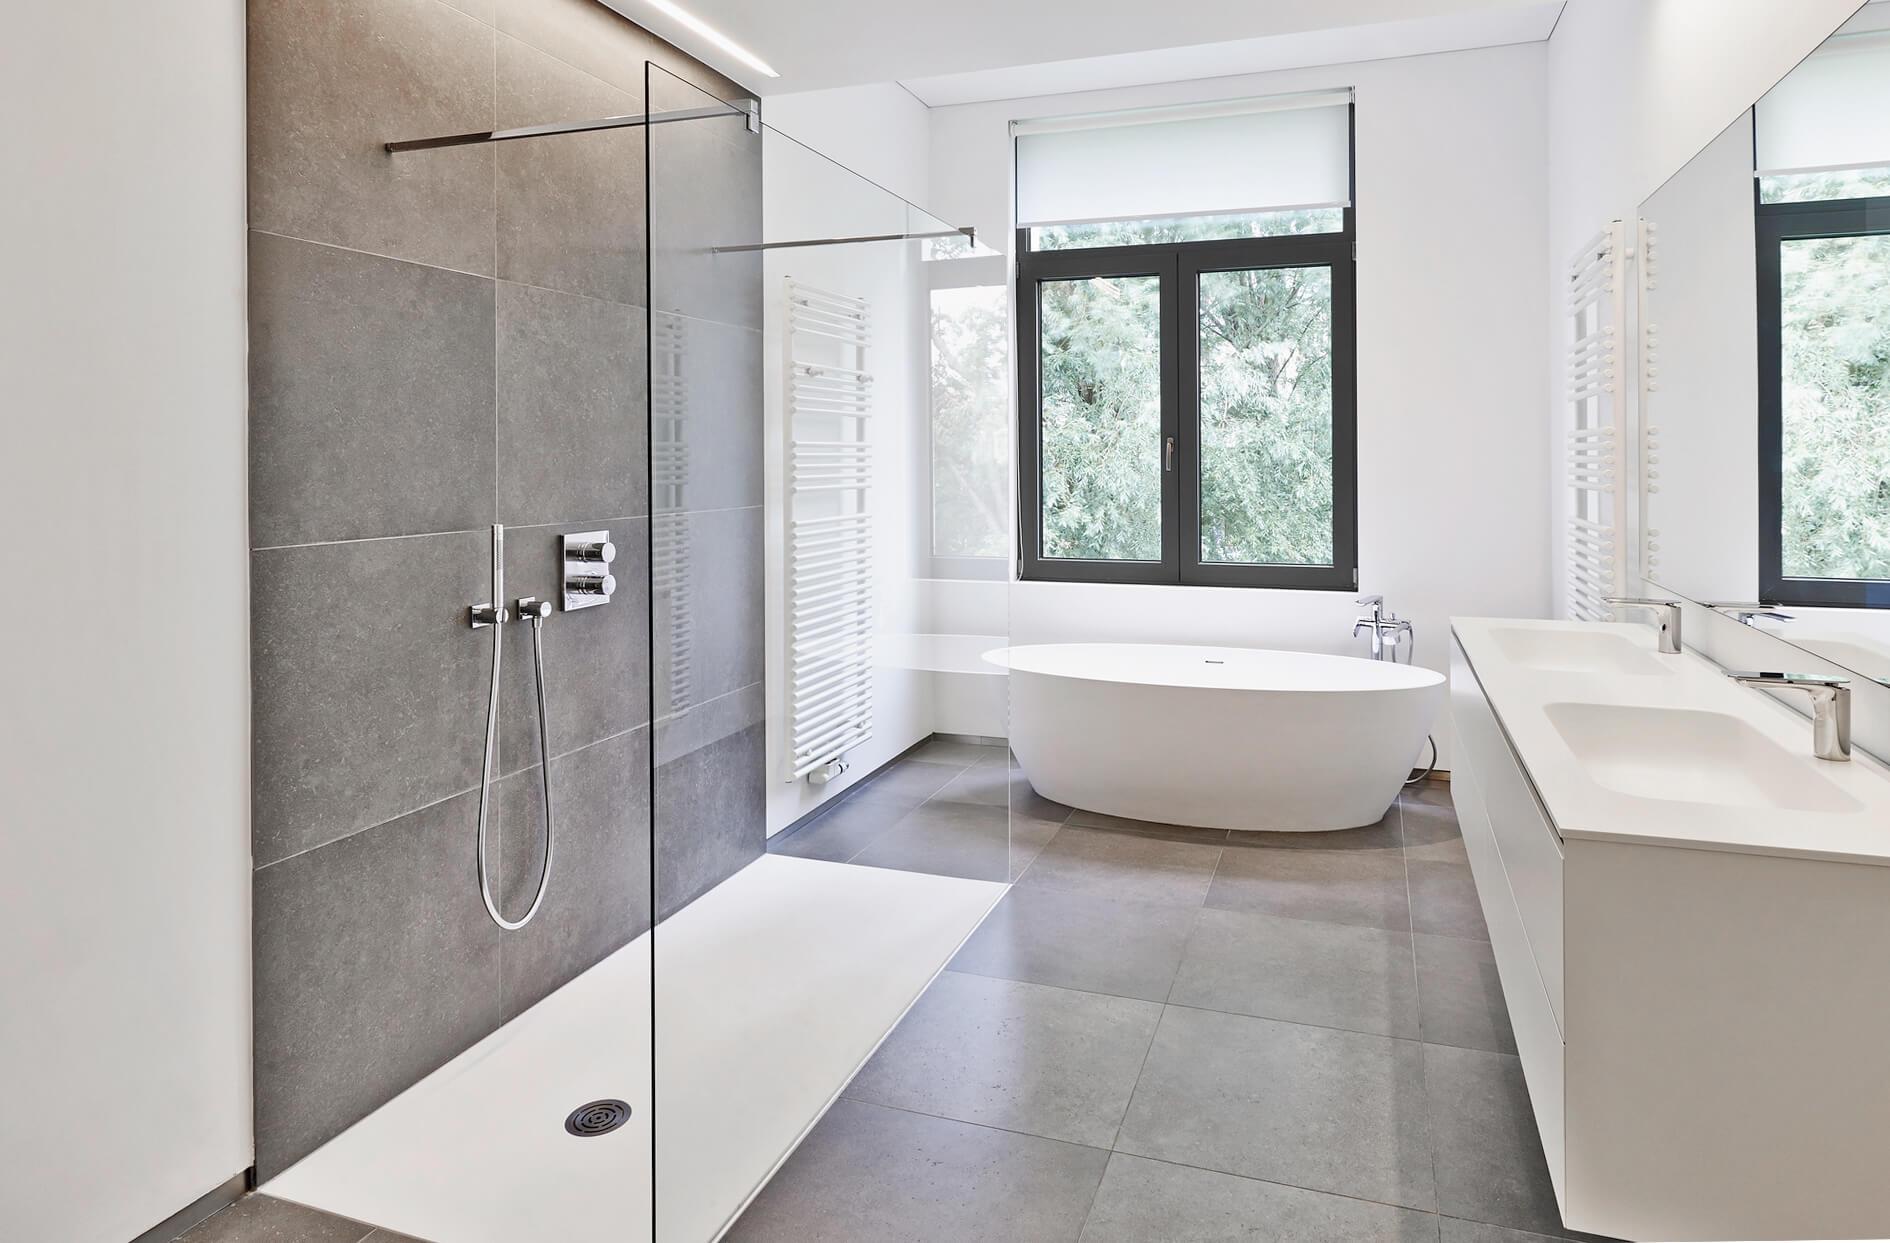 Full Size of Begehbare Dusche Hüppe Bodengleiche Einbauen Badewanne Mit Tür Und Glasabtrennung Fliesen Unterputz Duschen 80x80 Bluetooth Lautsprecher Siphon Komplett Set Dusche Begehbare Dusche